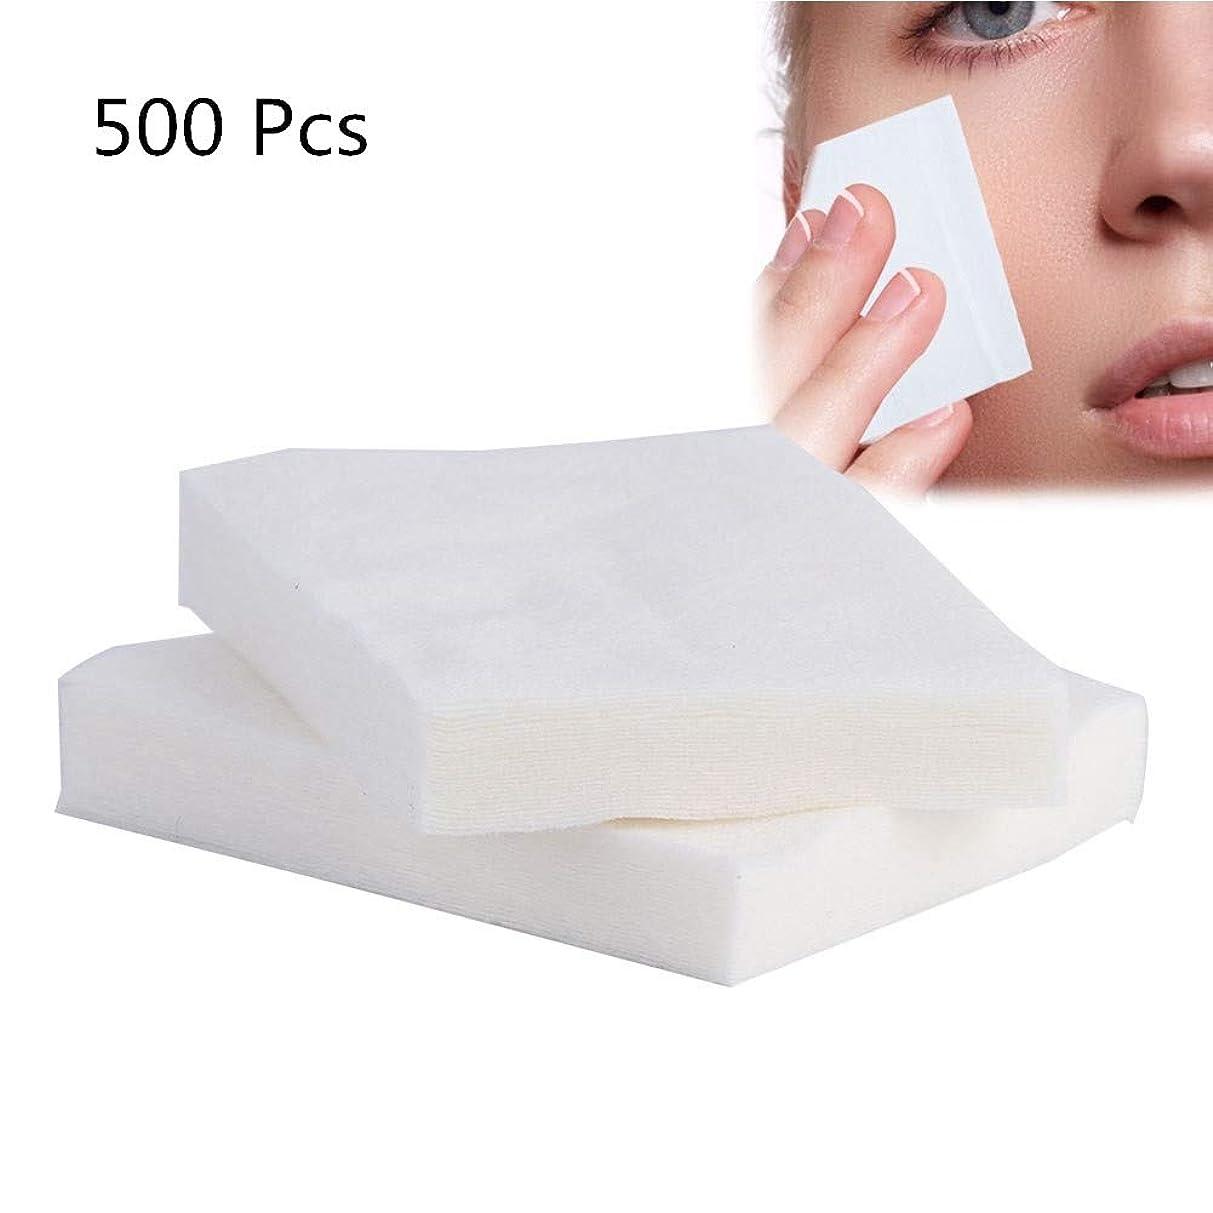 残りサイクル貼り直す500ピース綿棒、化粧用メイク落とし、洗顔、ウェット/ドライ/フェイス/メイク落とし用